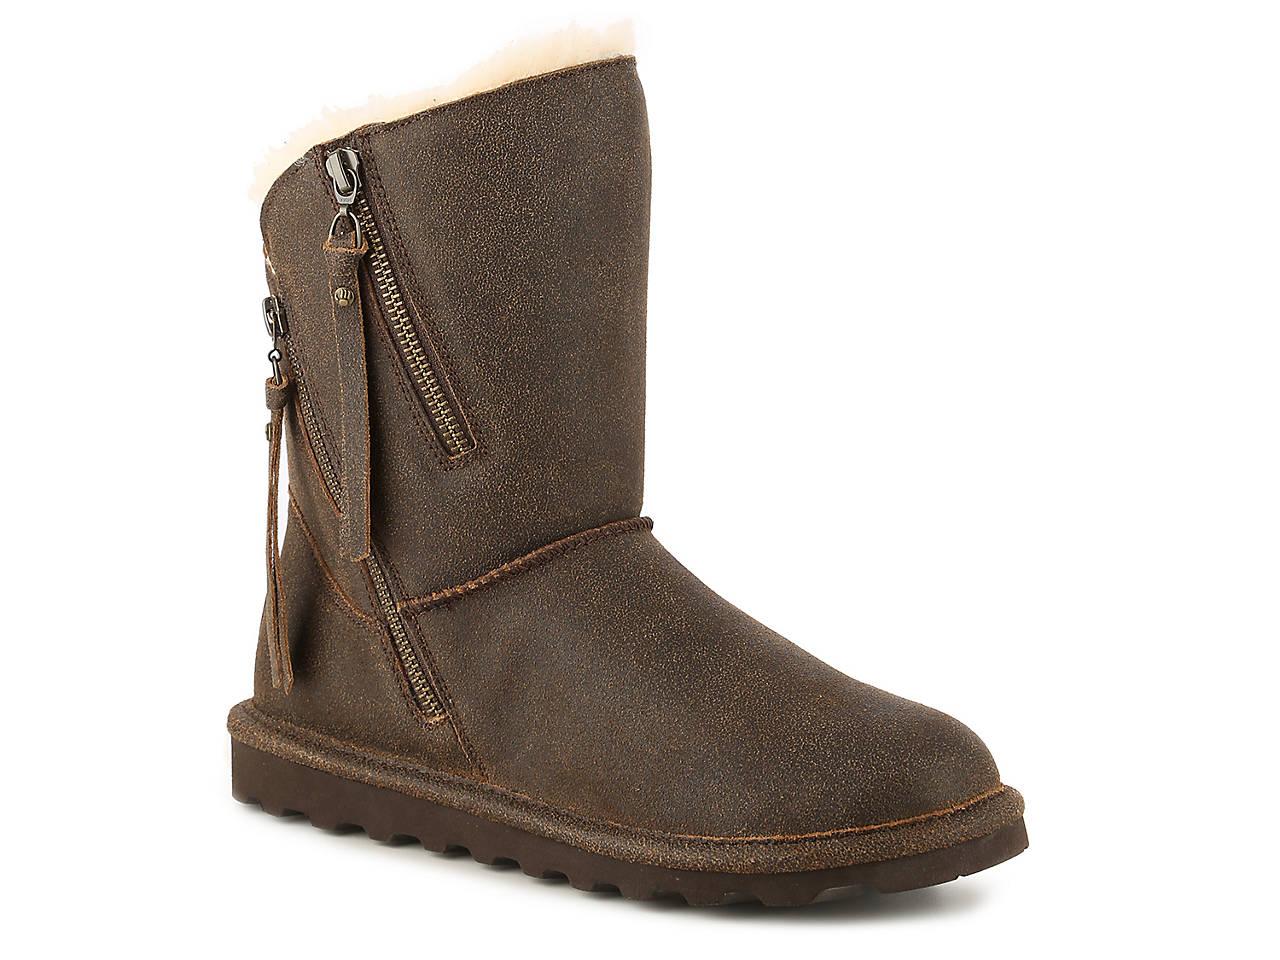 011a90d02437 Bearpaw Mimi Bootie Women s Shoes